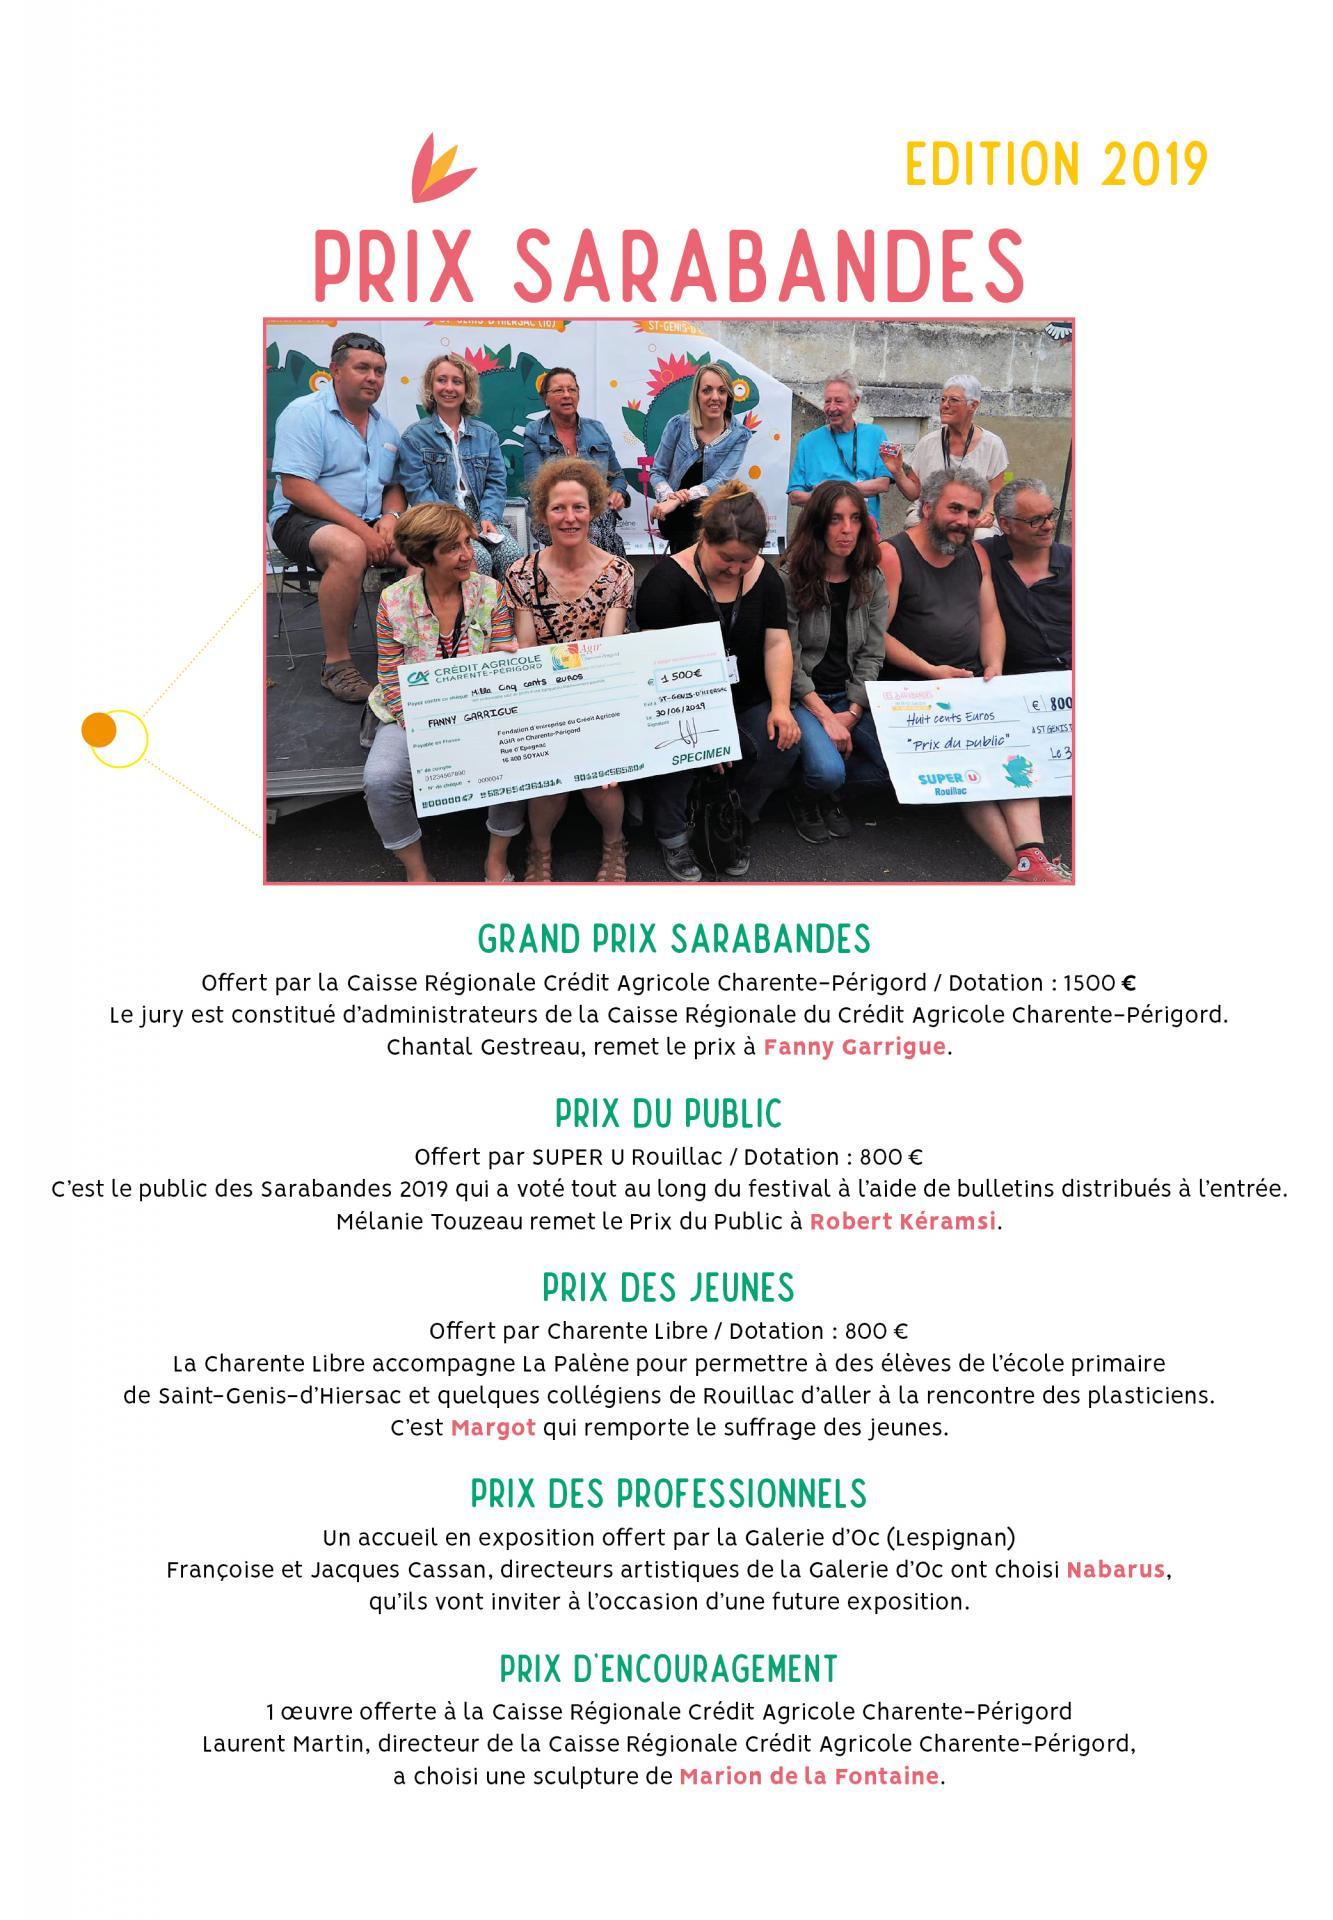 Remise des Prix Sarabandes 2019